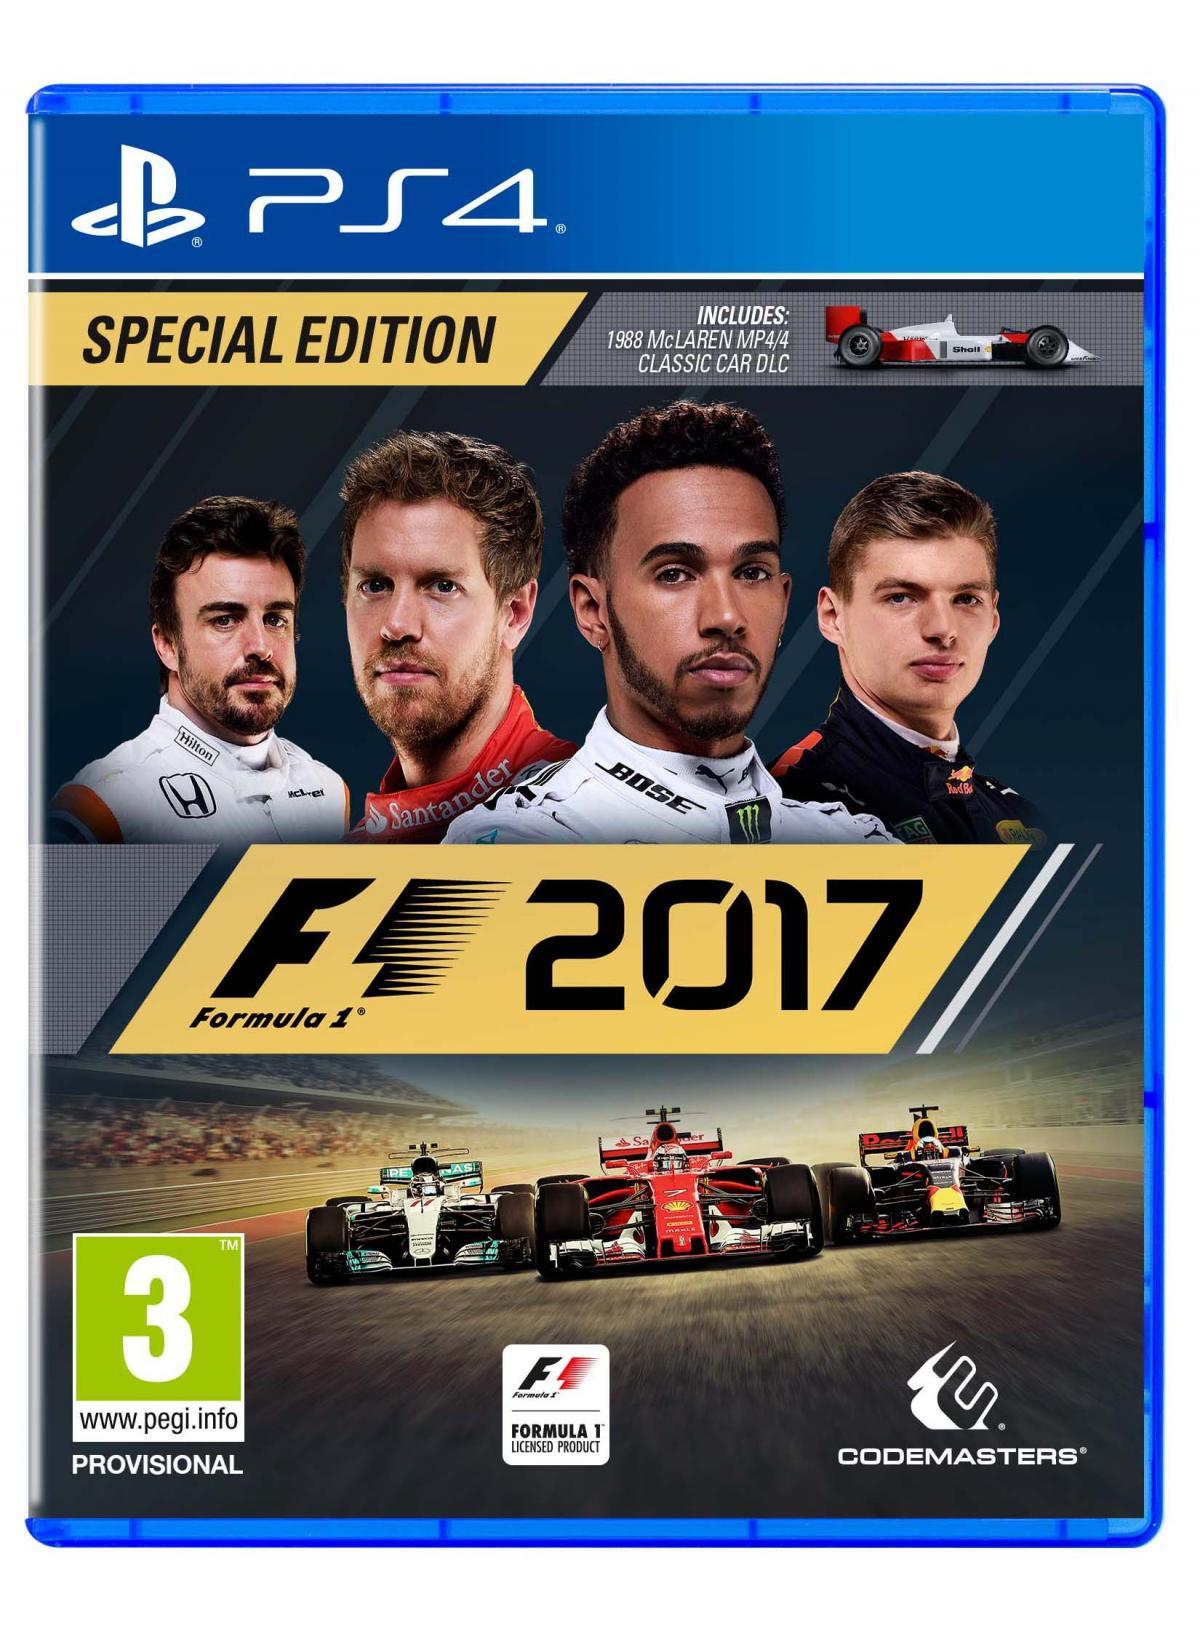 F1 2017 Screenshots